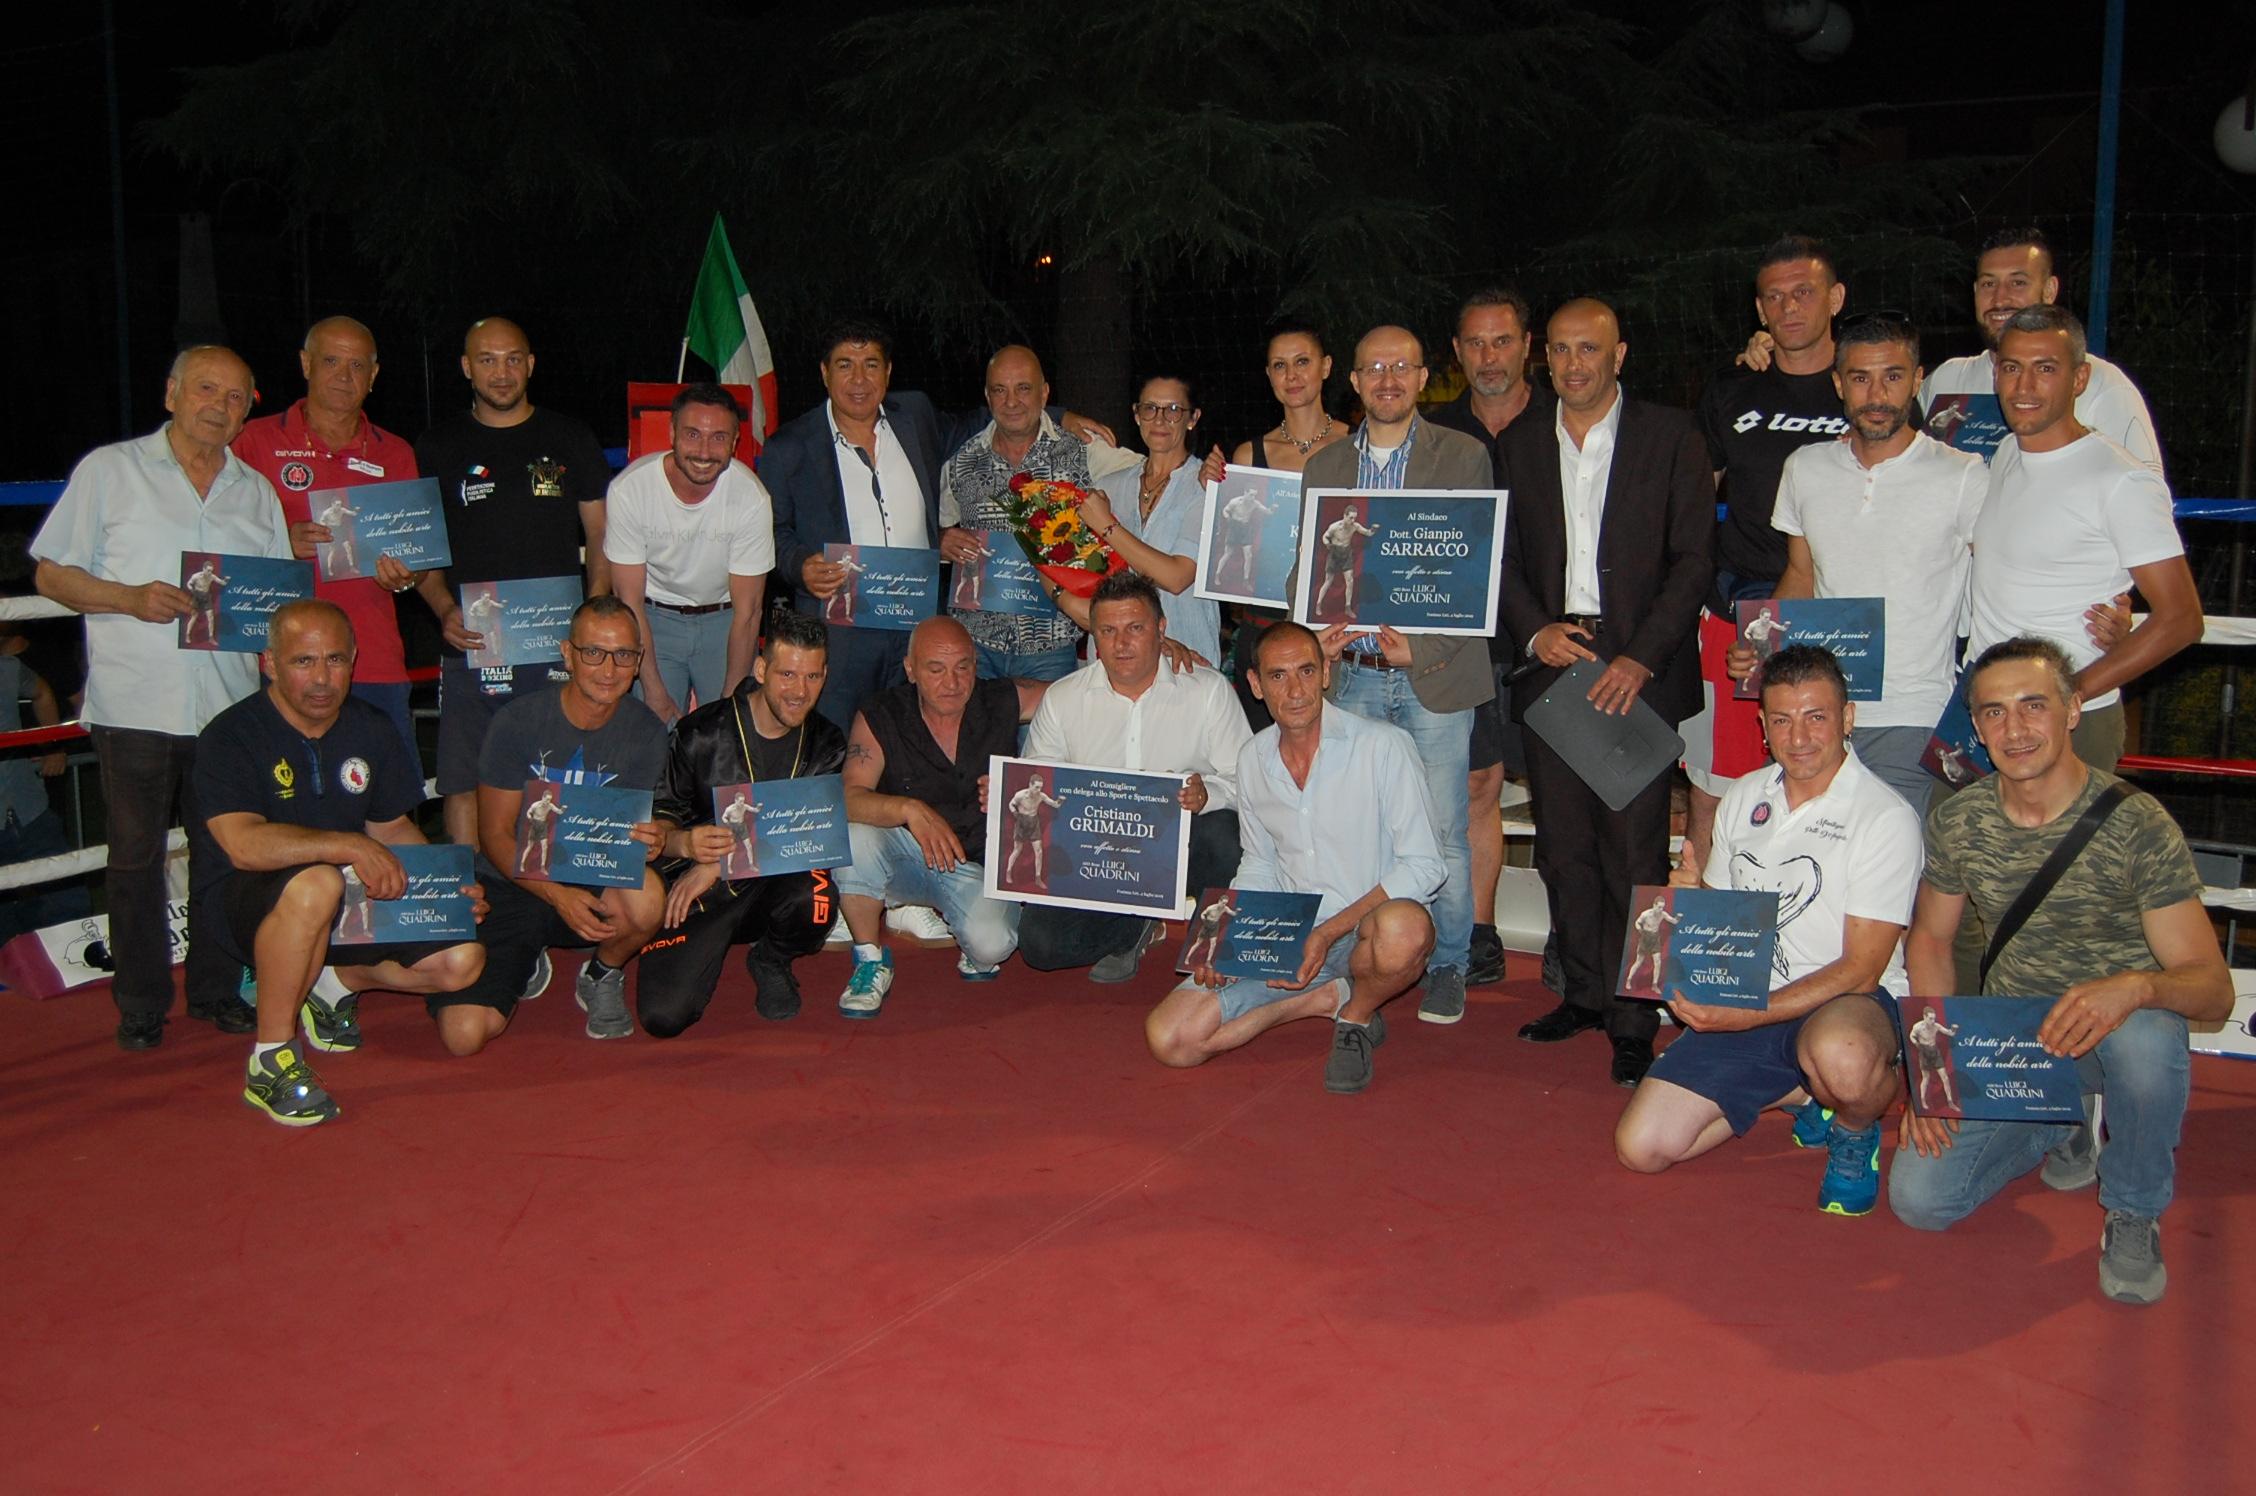 Tutti i premiati Vittoria Iacovissi Daniele e Marino Bucciarelli